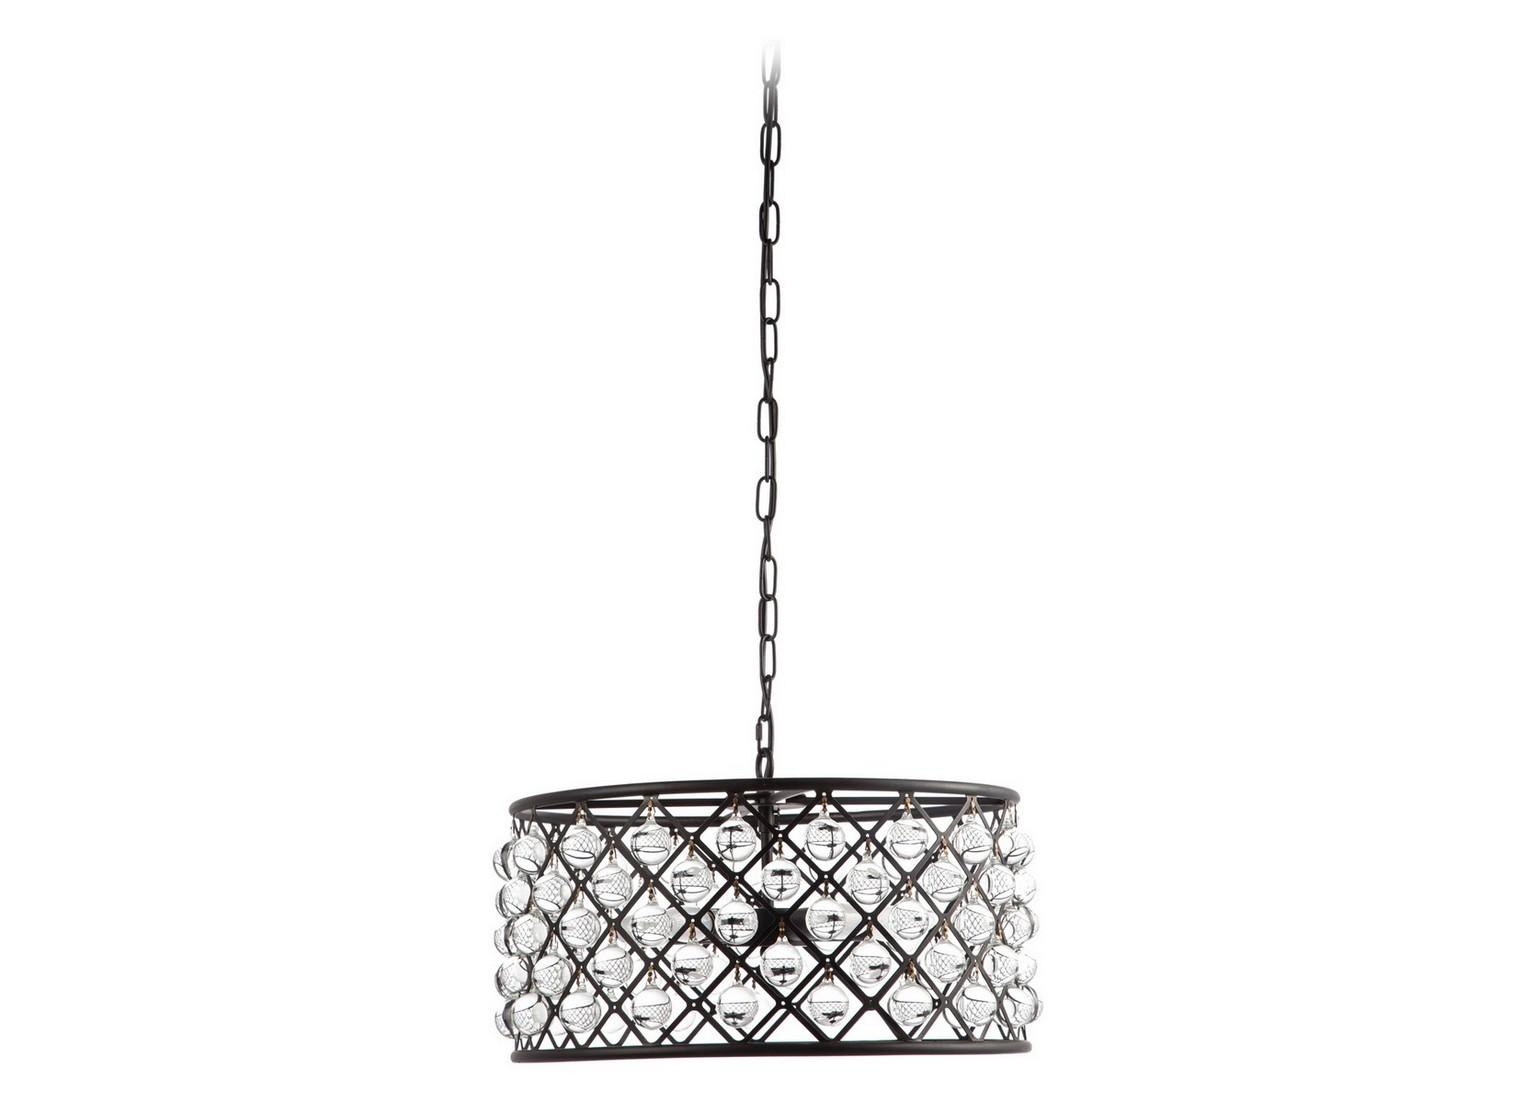 Подвесной светильник CassielПодвесные светильники<br>Дивная и изящная люстра CASSIEL с рассеивателем из стеклянных шариков несомненно добавит легкого шика в любой интерьер. Великолепная металлическая люстра, в которой шарики из стекла подсвечиваются изнутри, одновременно дает и рассеянный, и направленный свет. Люстра подойдет и для общественных, и для частных интерьеров.&amp;lt;div&amp;gt;&amp;lt;br&amp;gt;&amp;lt;/div&amp;gt;&amp;lt;div&amp;gt;&amp;lt;div&amp;gt;Вид цоколя: Е14&amp;lt;/div&amp;gt;&amp;lt;div&amp;gt;Мощность лампы: 40W&amp;lt;/div&amp;gt;&amp;lt;div&amp;gt;Количество ламп: 5&amp;lt;/div&amp;gt;&amp;lt;div&amp;gt;Наличие ламп: нет&amp;lt;/div&amp;gt;&amp;lt;/div&amp;gt;<br><br>Material: Стекло<br>Height см: 25<br>Diameter см: 50